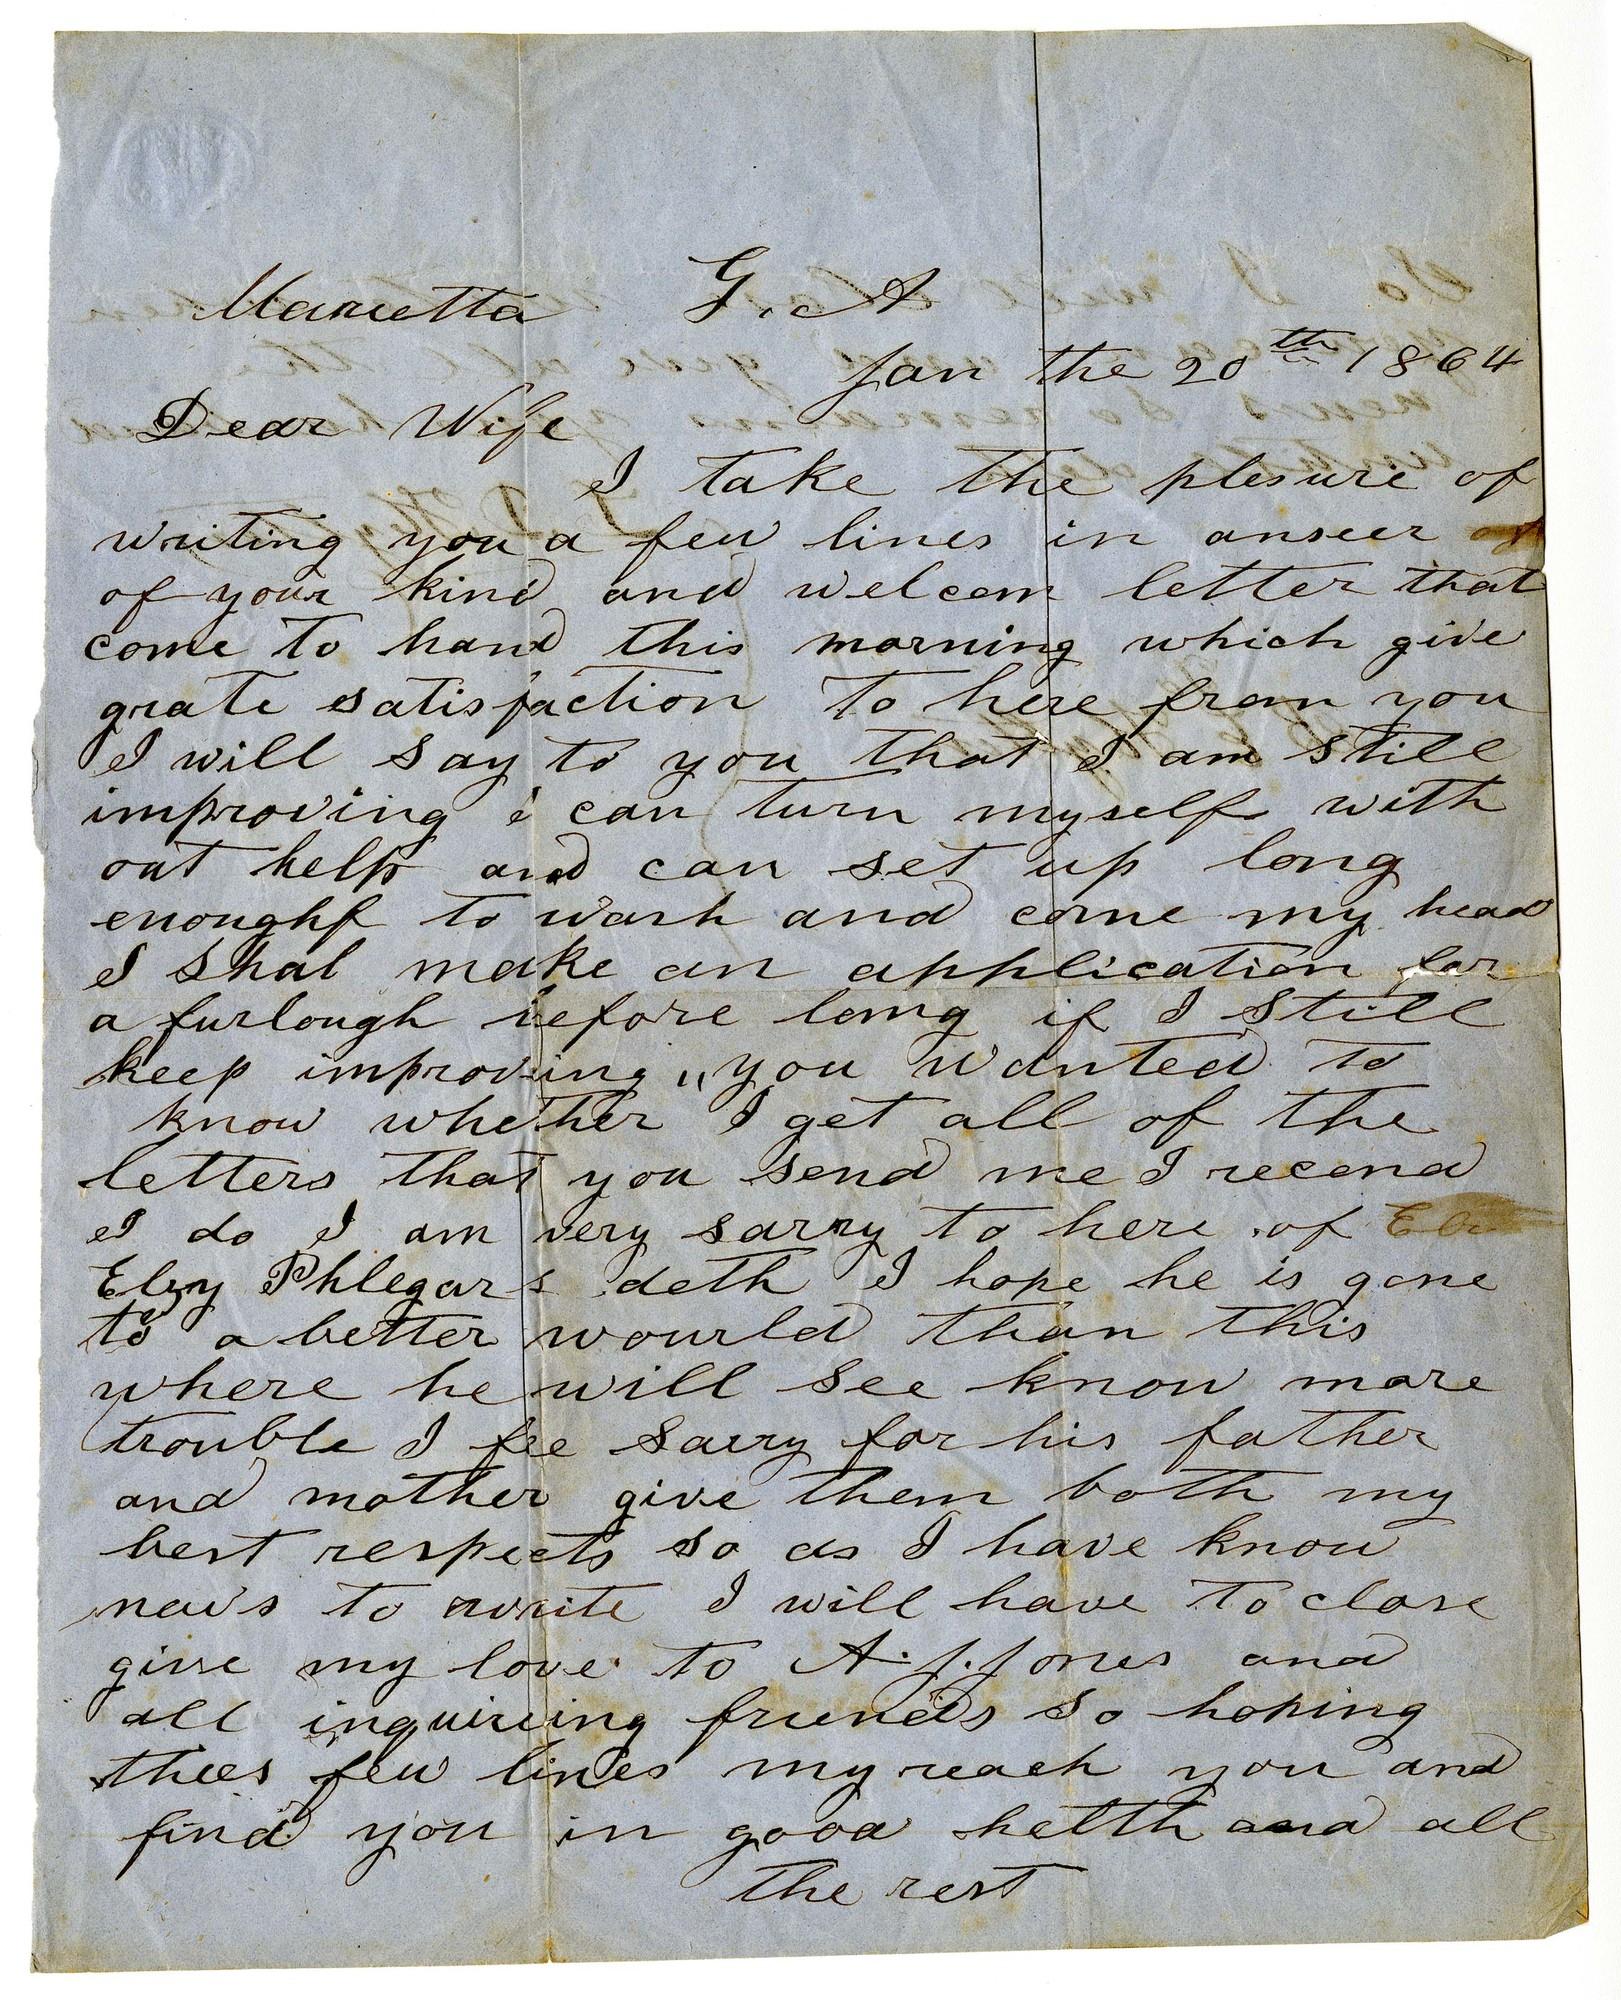 Ms1998_001_HuffHylton_Letter_1864_0120a.jpg